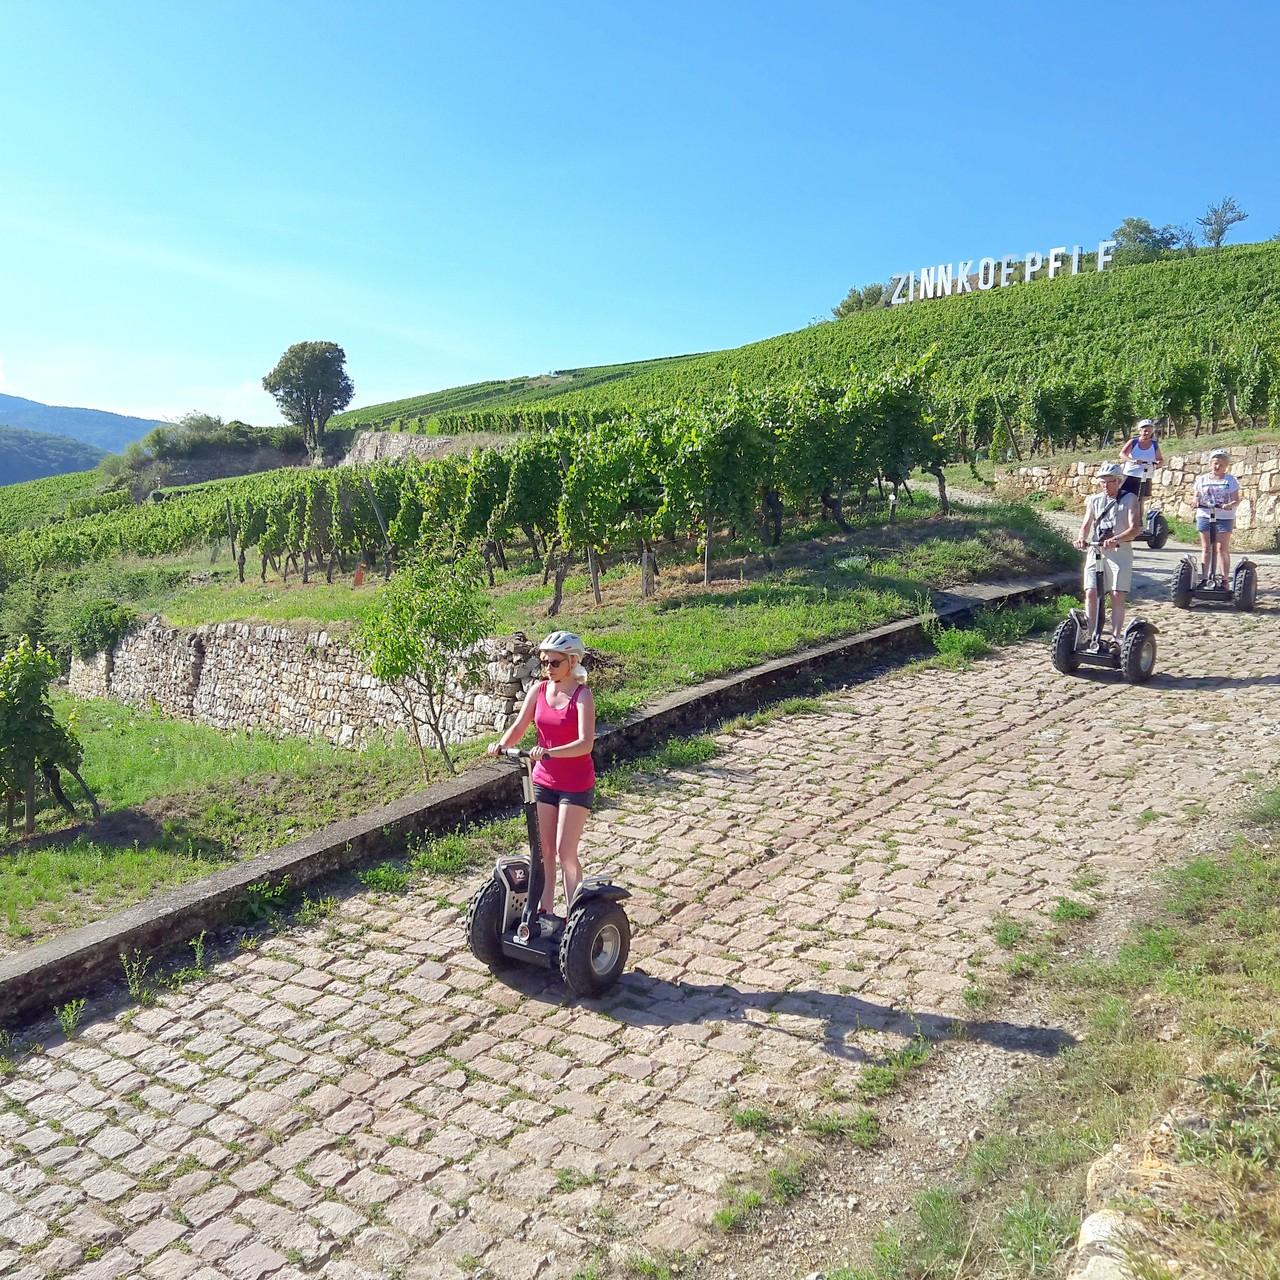 FUN MOVING GYROPODE SEGWAY EN ALSACE - oenotourisme, vignoble d'Alsace